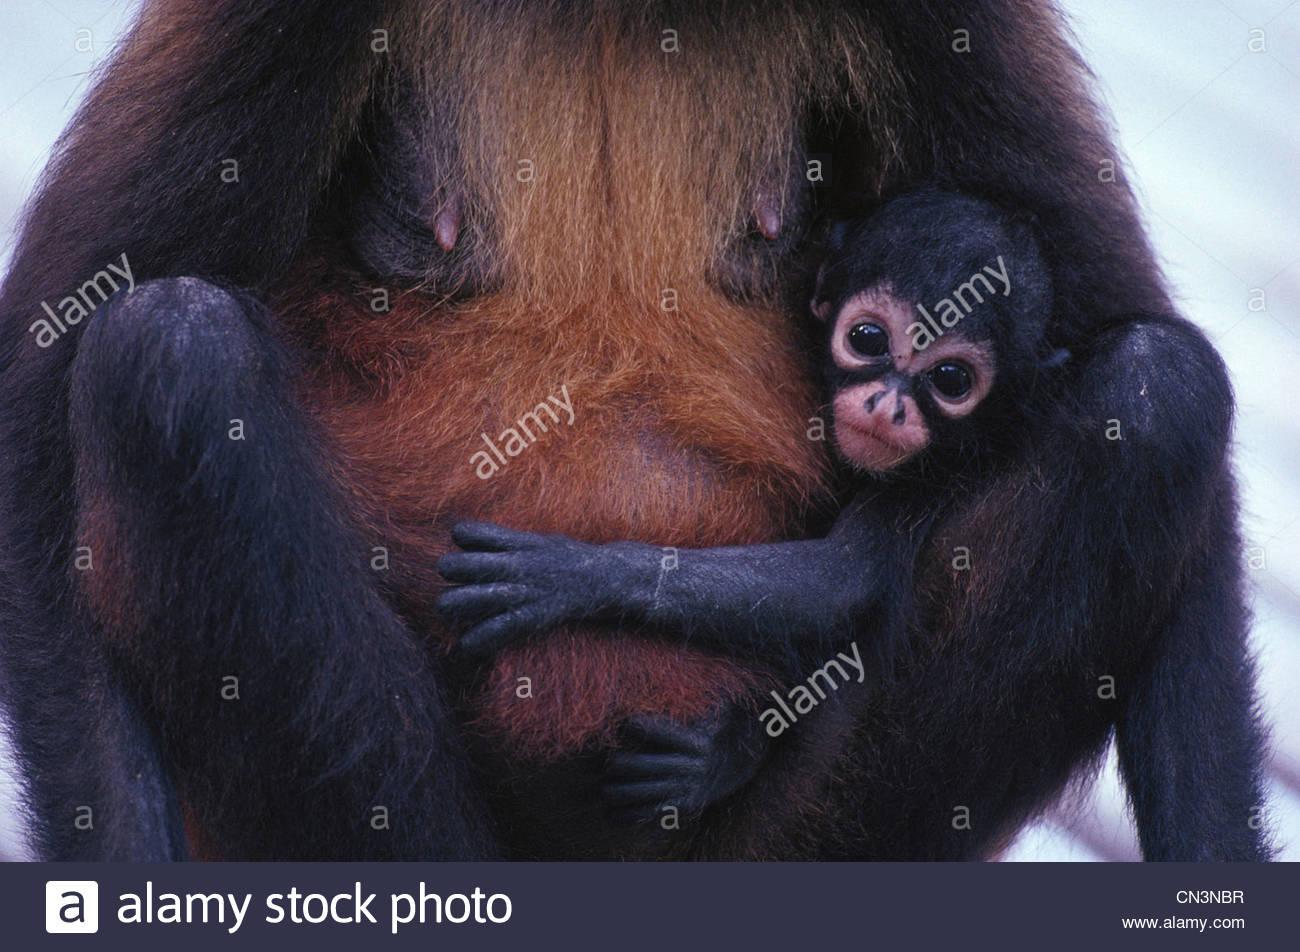 Mano Negra y el bebé mono araña, Panamá Imagen De Stock